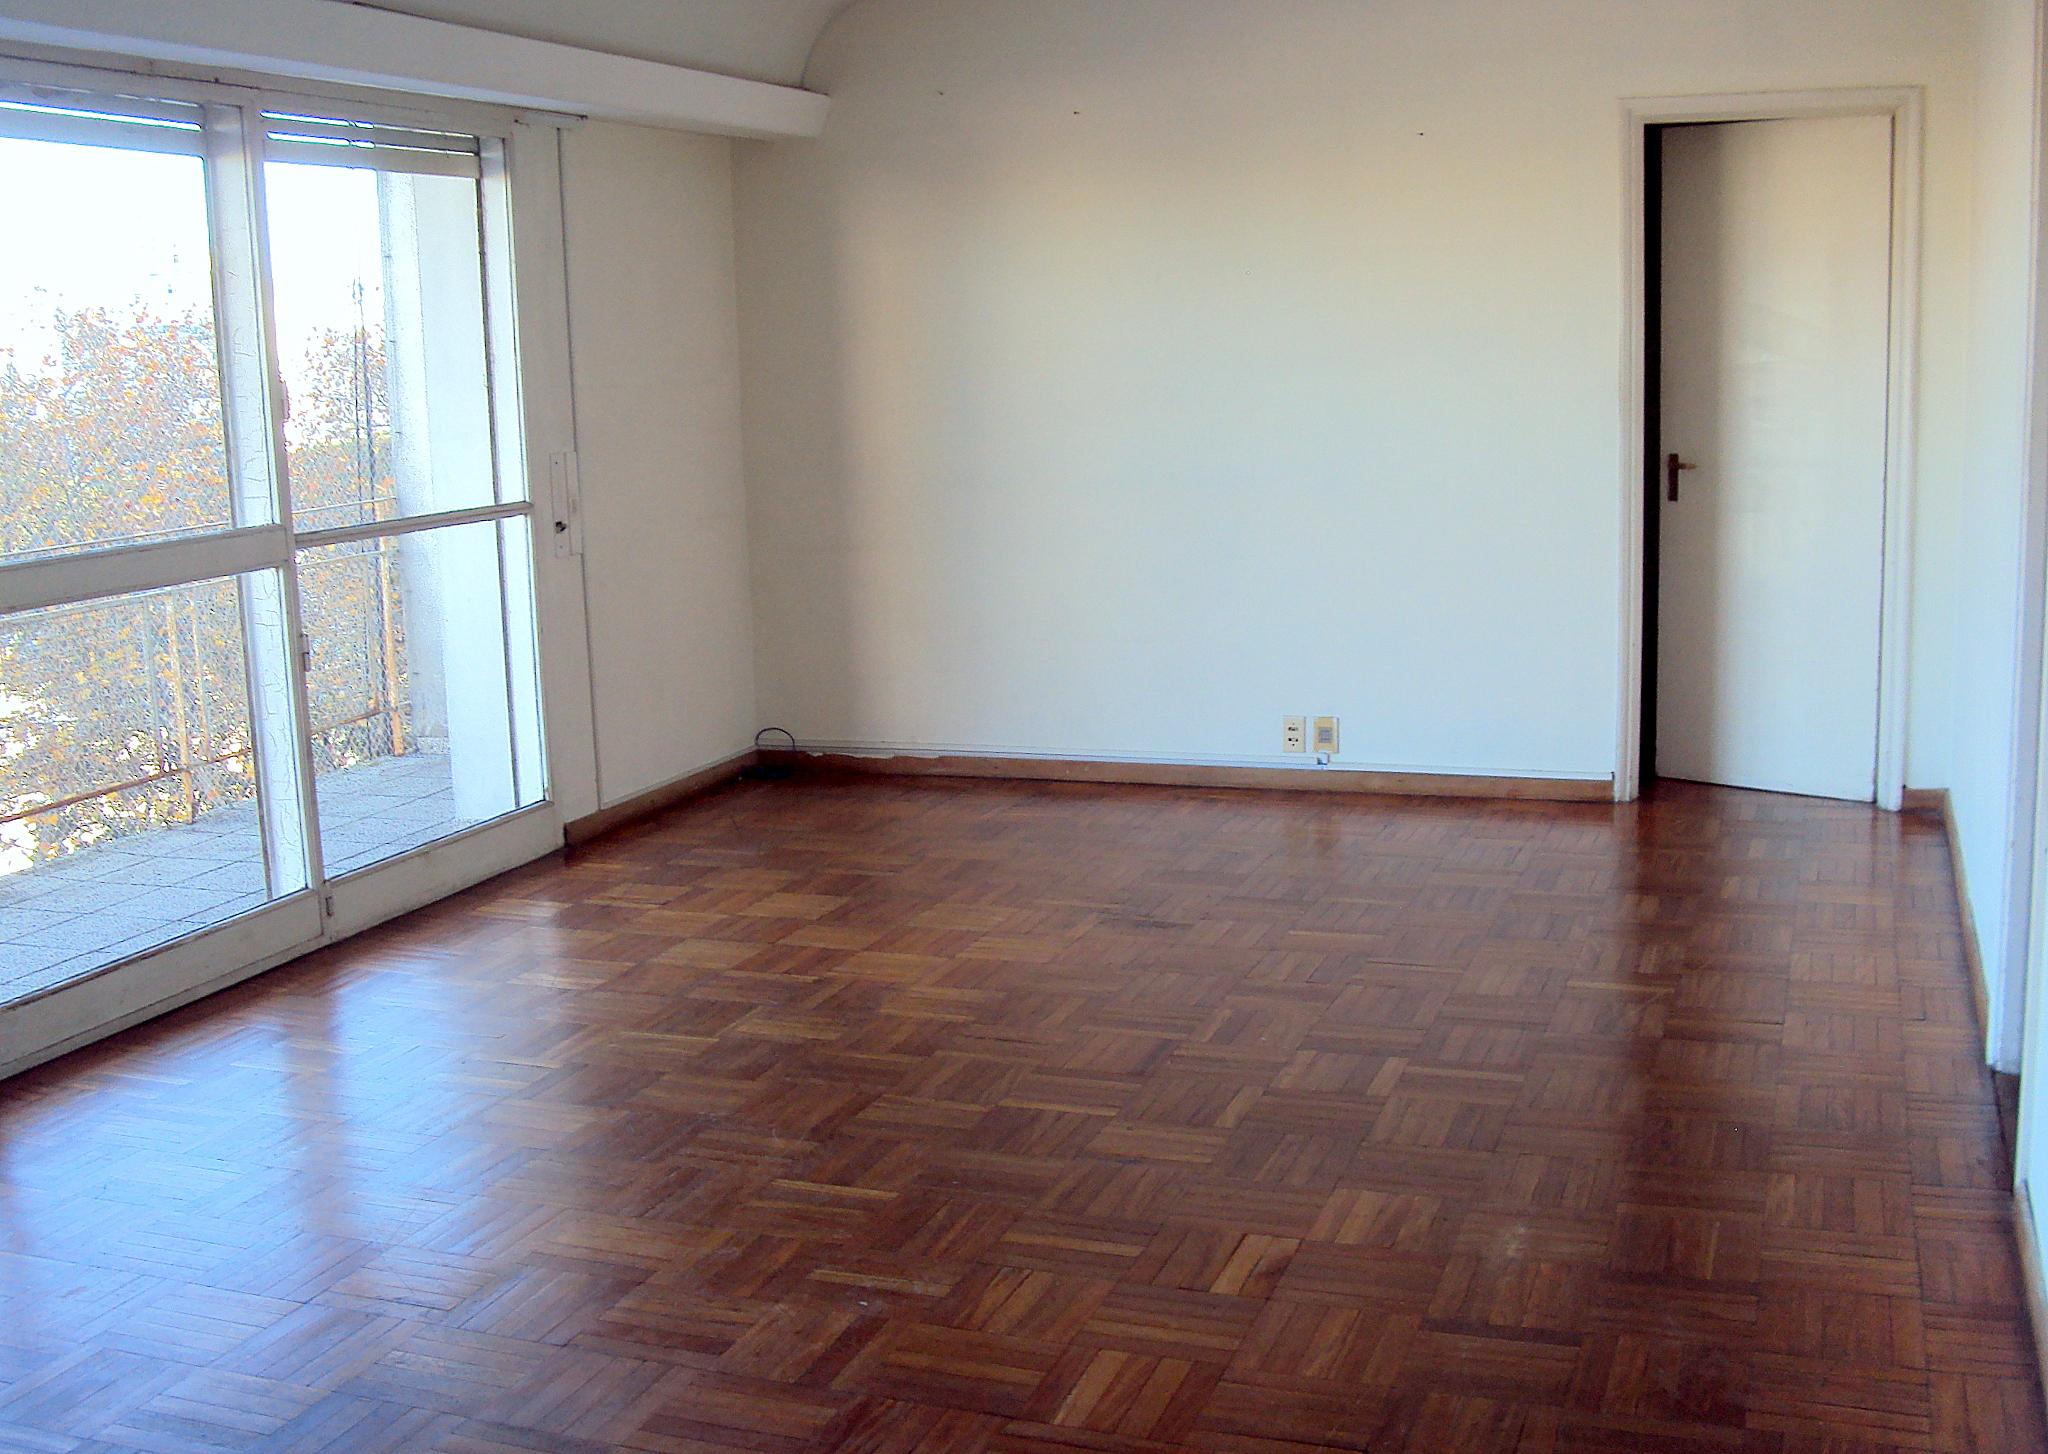 Luminoso , 117 mts - 3 dormitorios, 2 baños garage y box - POCITOS